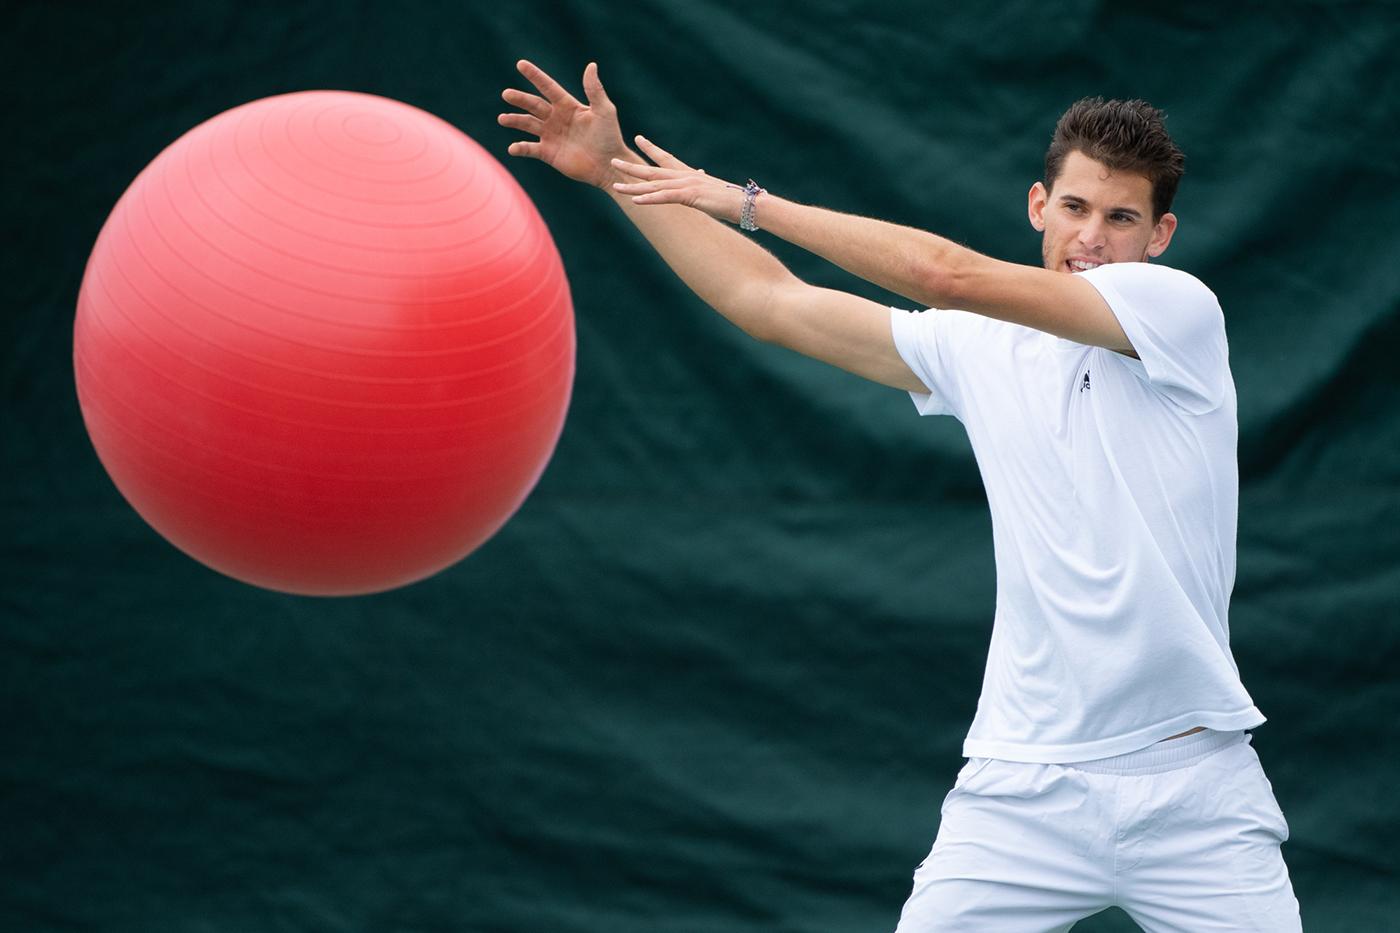 Existe fórmula magica para se aprender a jogar tênis?